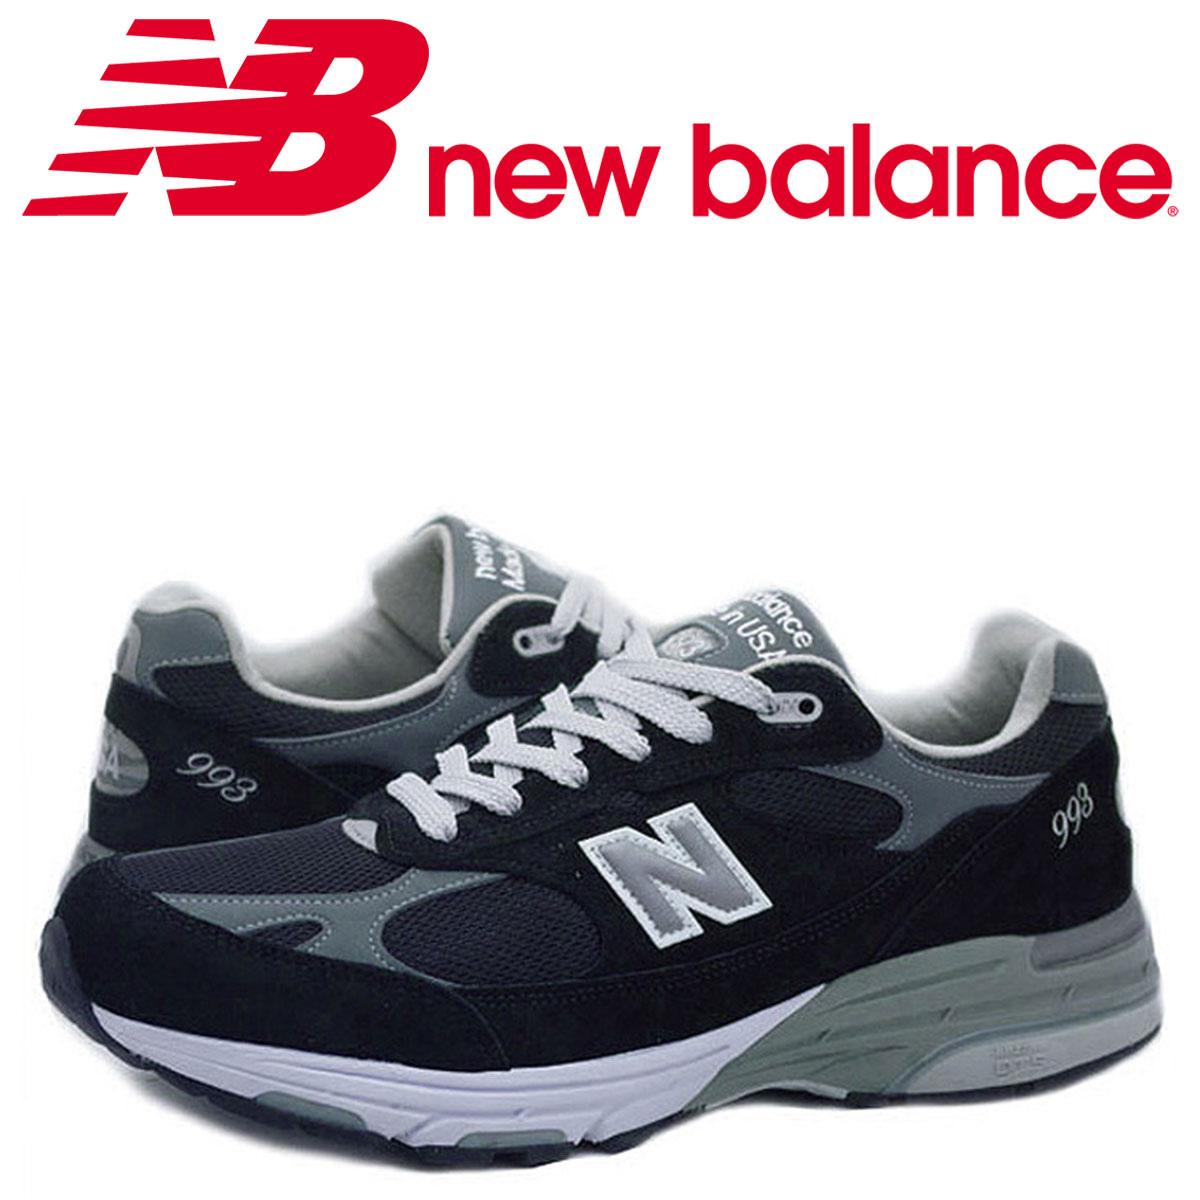 new balance MR993BK ニューバランス 993 メンズ スニーカー Dワイズ MADE IN USA ブラック [4/3 追加入荷]